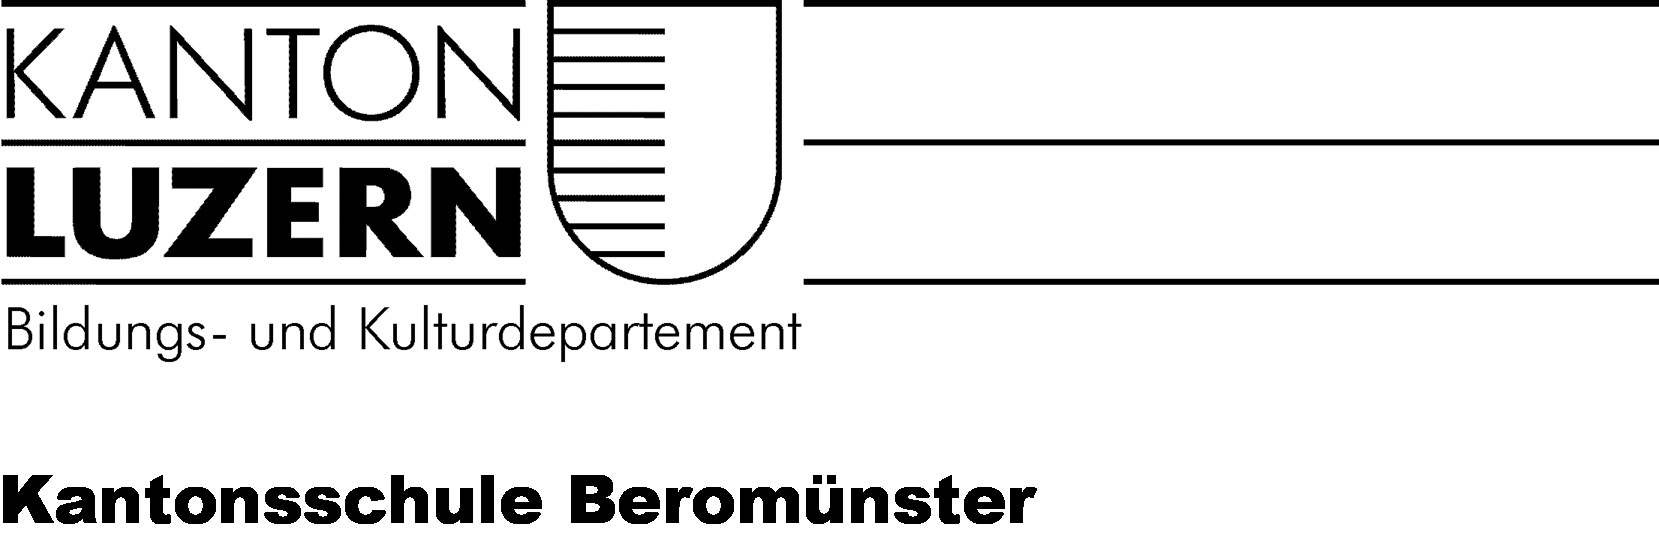 Kantonsschule Beromünster